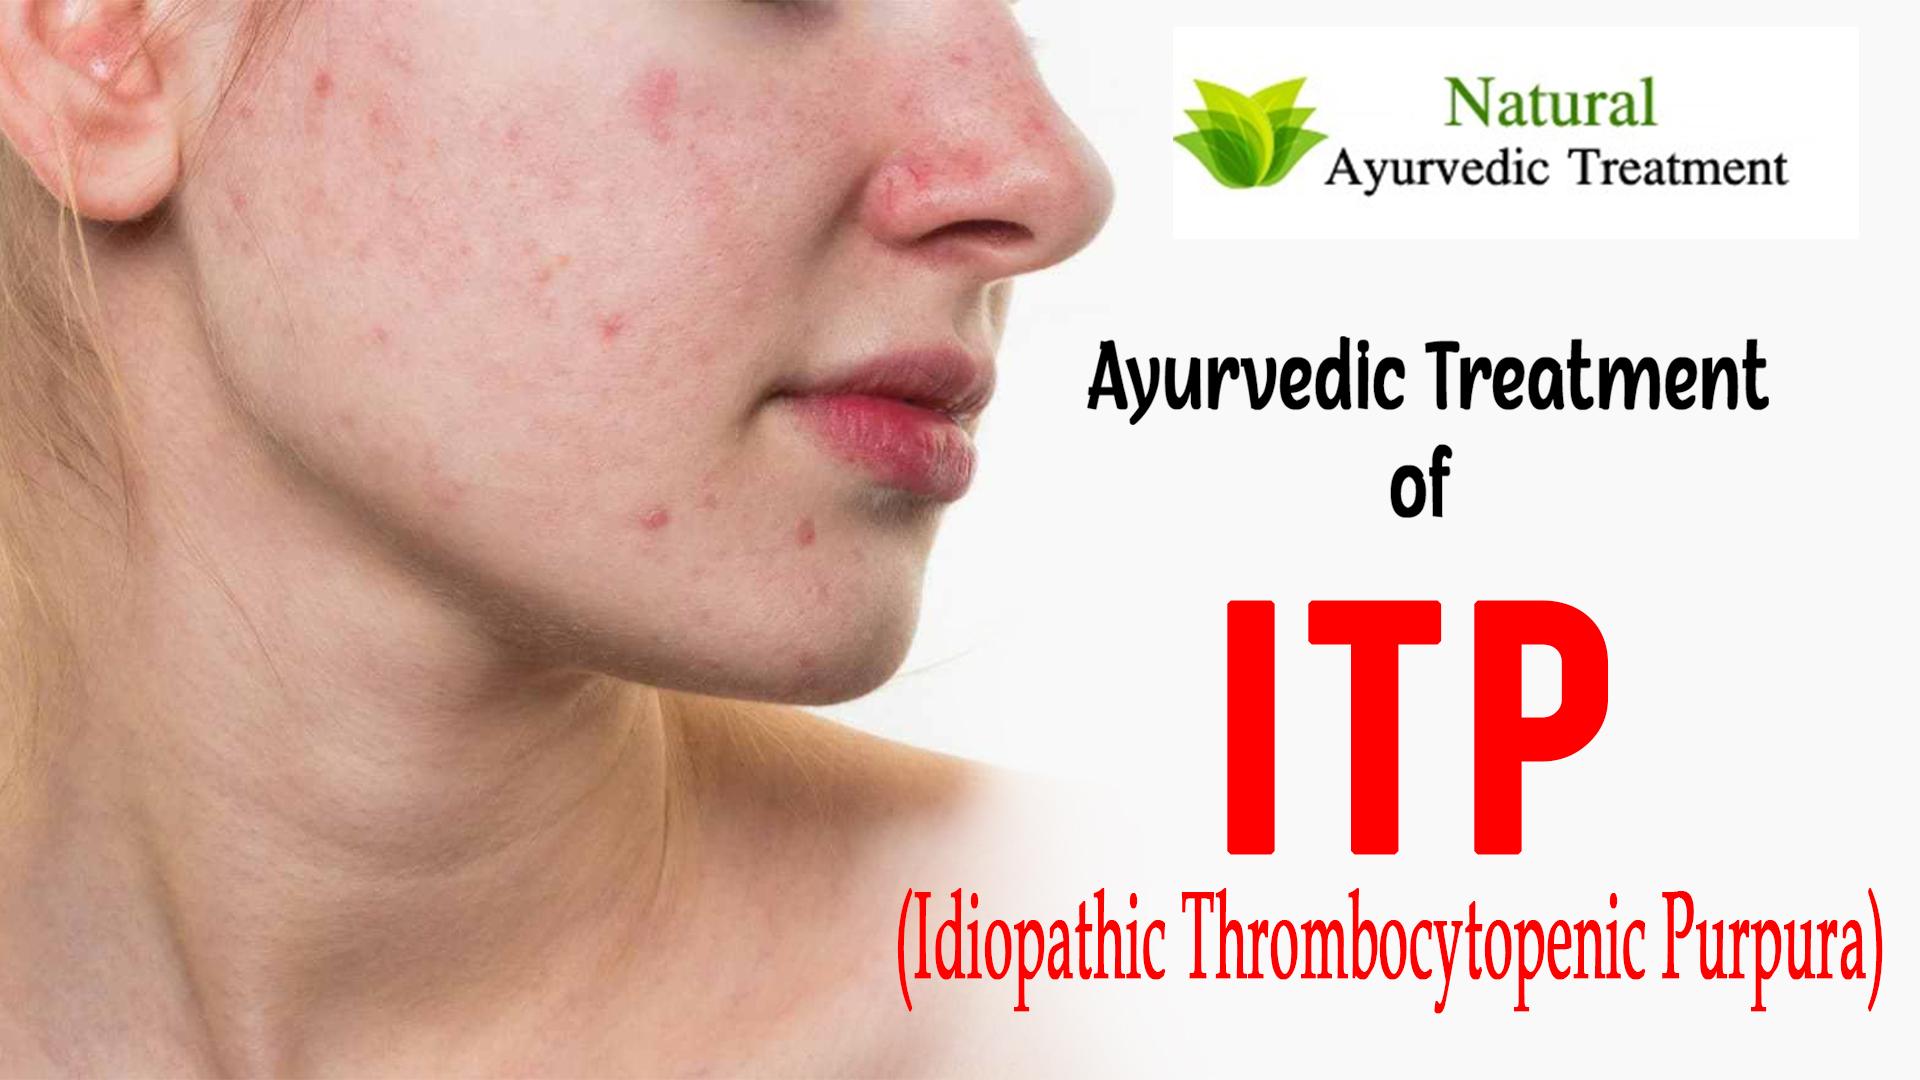 Ayurvedic Treatment for Idiopathic Thrombocytopenic Purpura (ITP)